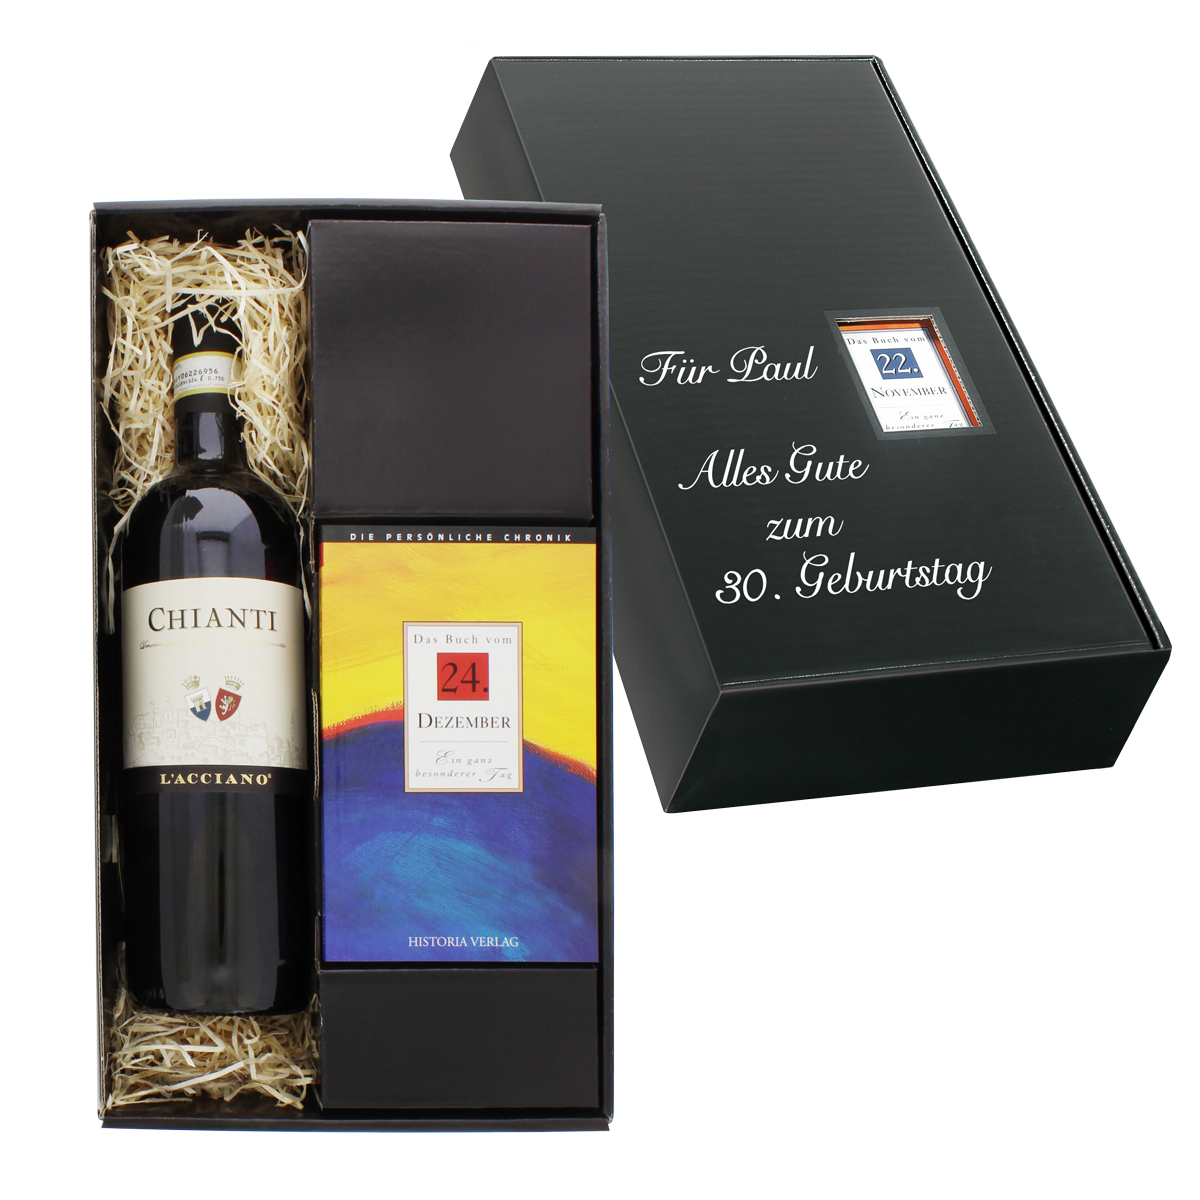 Italien-Set: Tageschronik vom 10. M?rz & Chianti-Wein